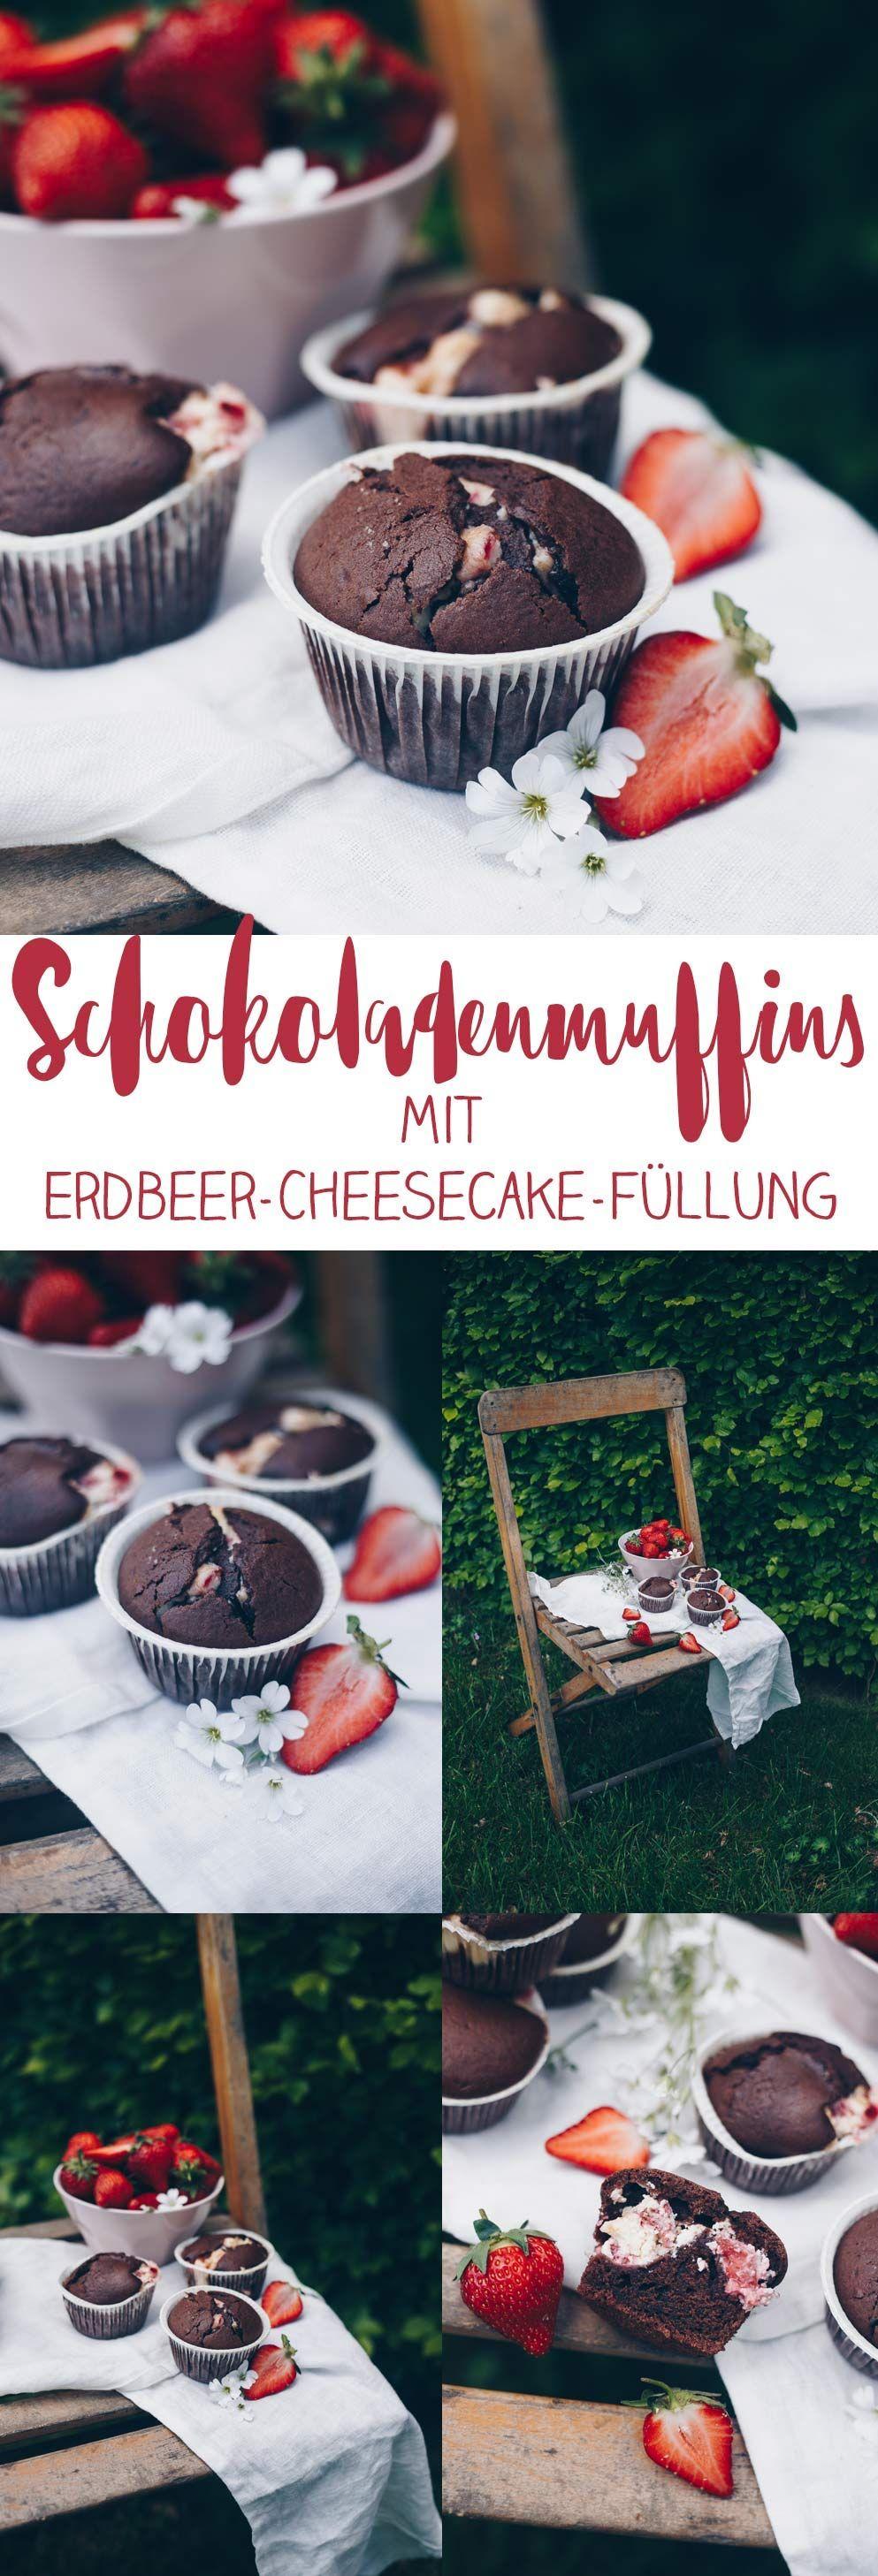 Schokoladenmuffins mit Erdbeer-Cheesecake-Füllung backen - Erdbeeren